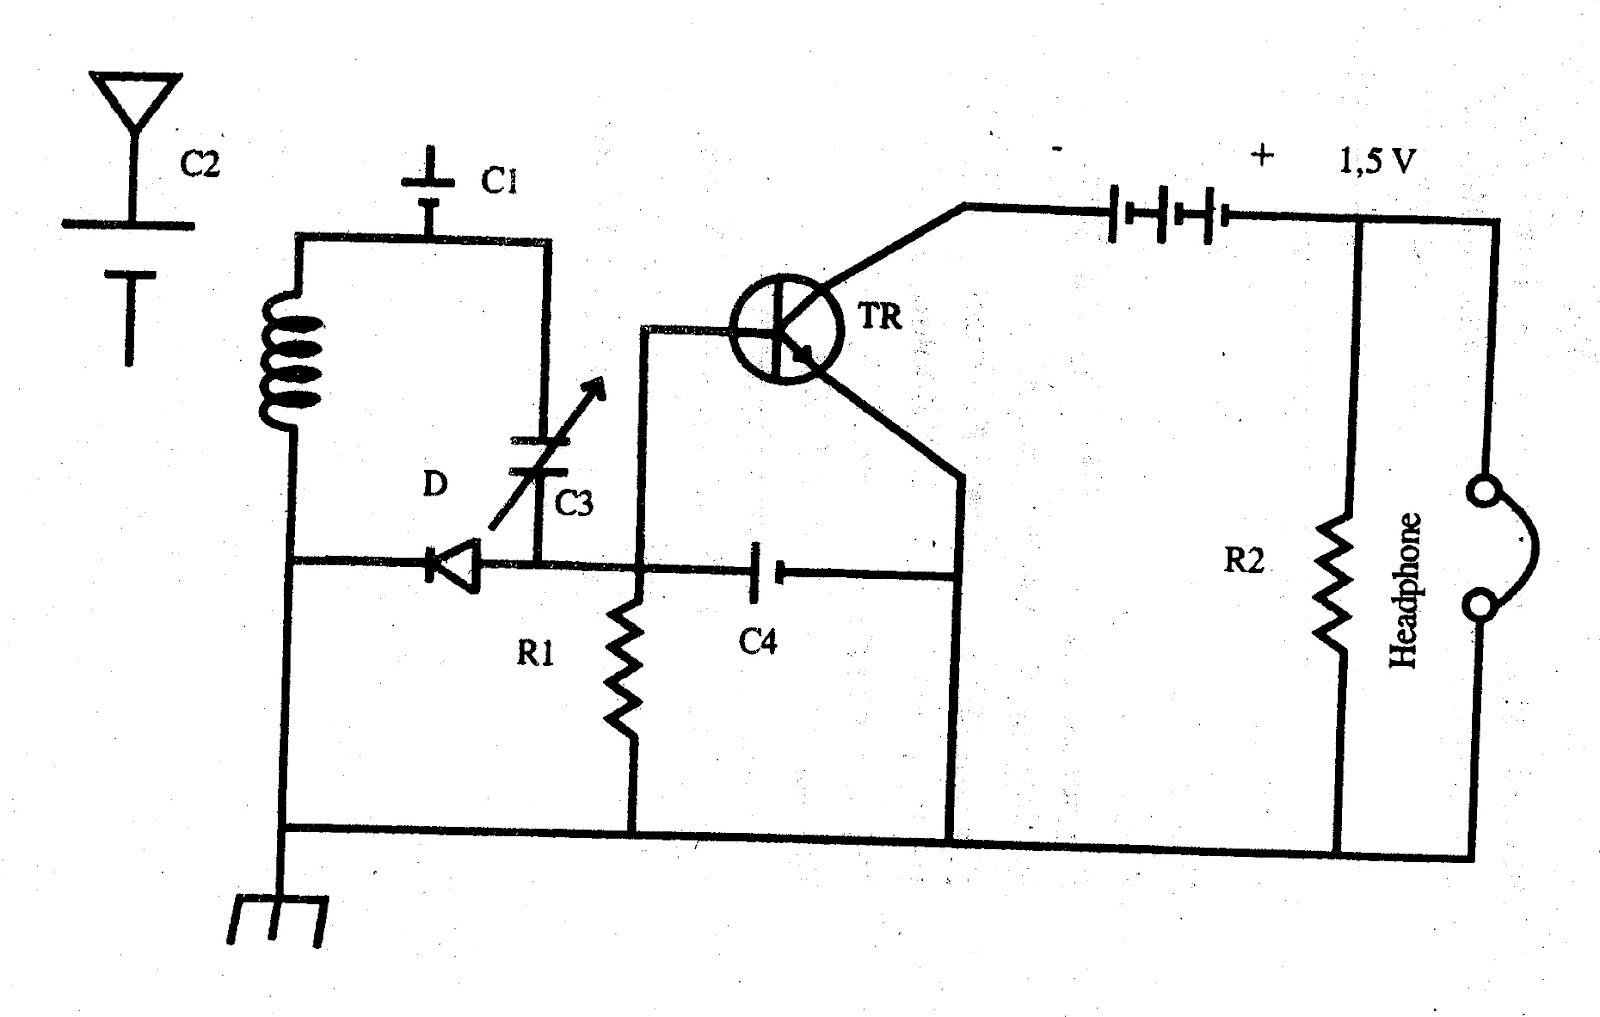 Kedai Adidaya Gemilang Pesawat Penerima Radio Satu Transistor